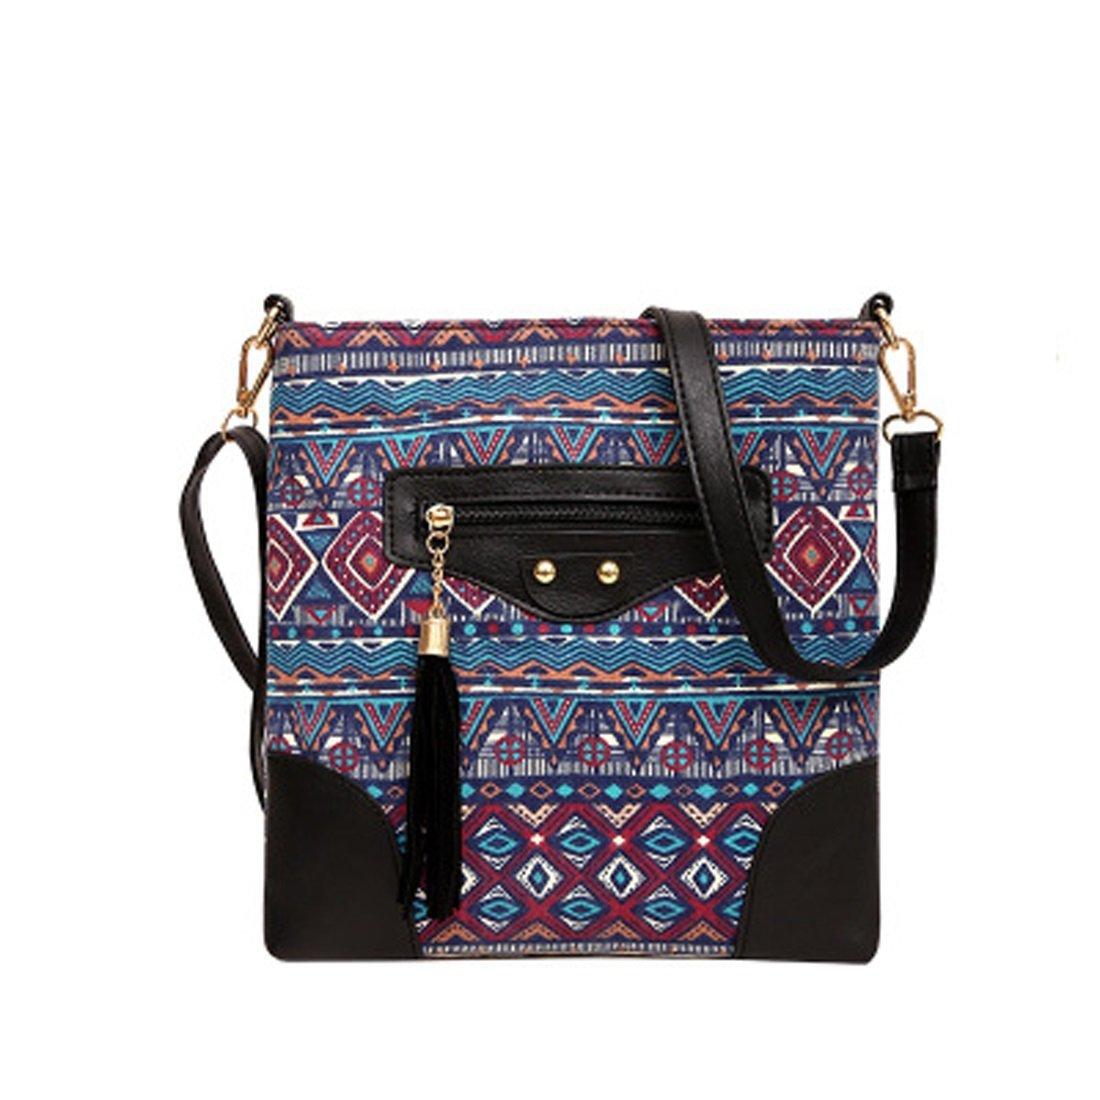 Women's Canvas Hand Bag Shoulder Bag Printing Ethnic Tassel Black Zipper (Color : 2)